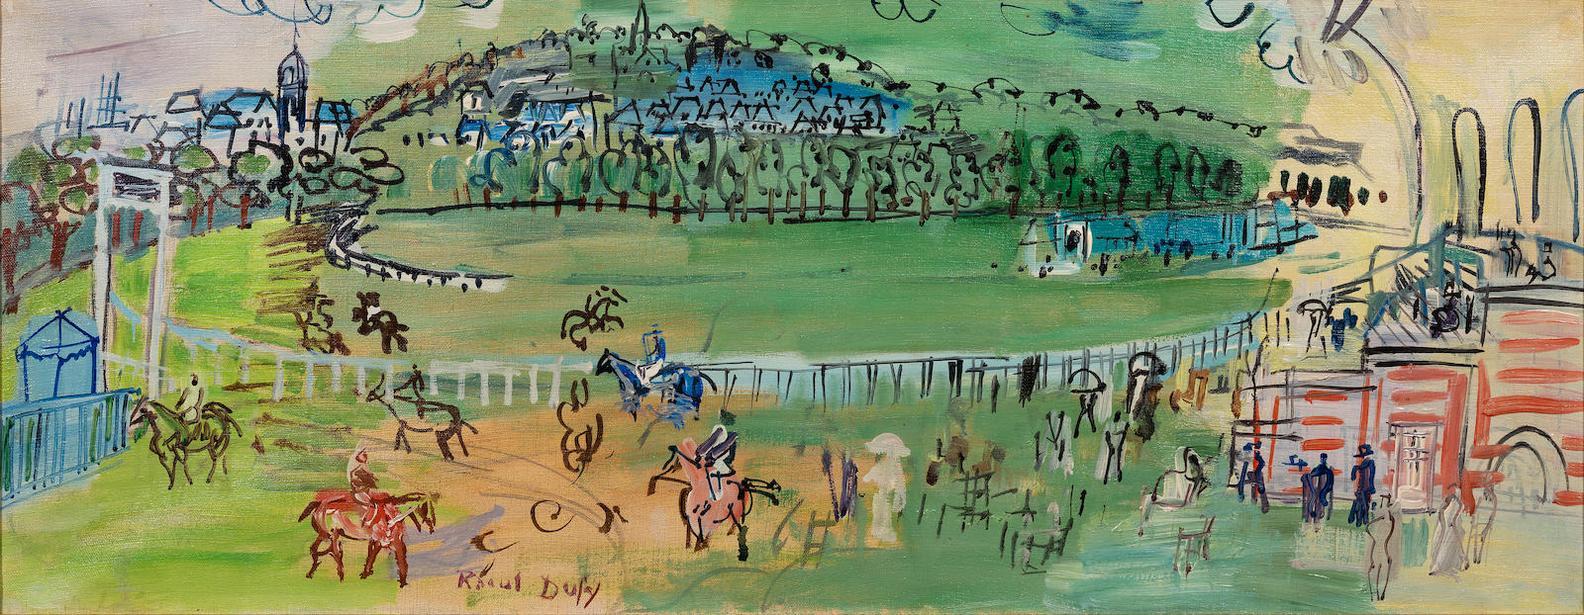 Raoul Dufy-Le Champ De Courses De Deauville-1931